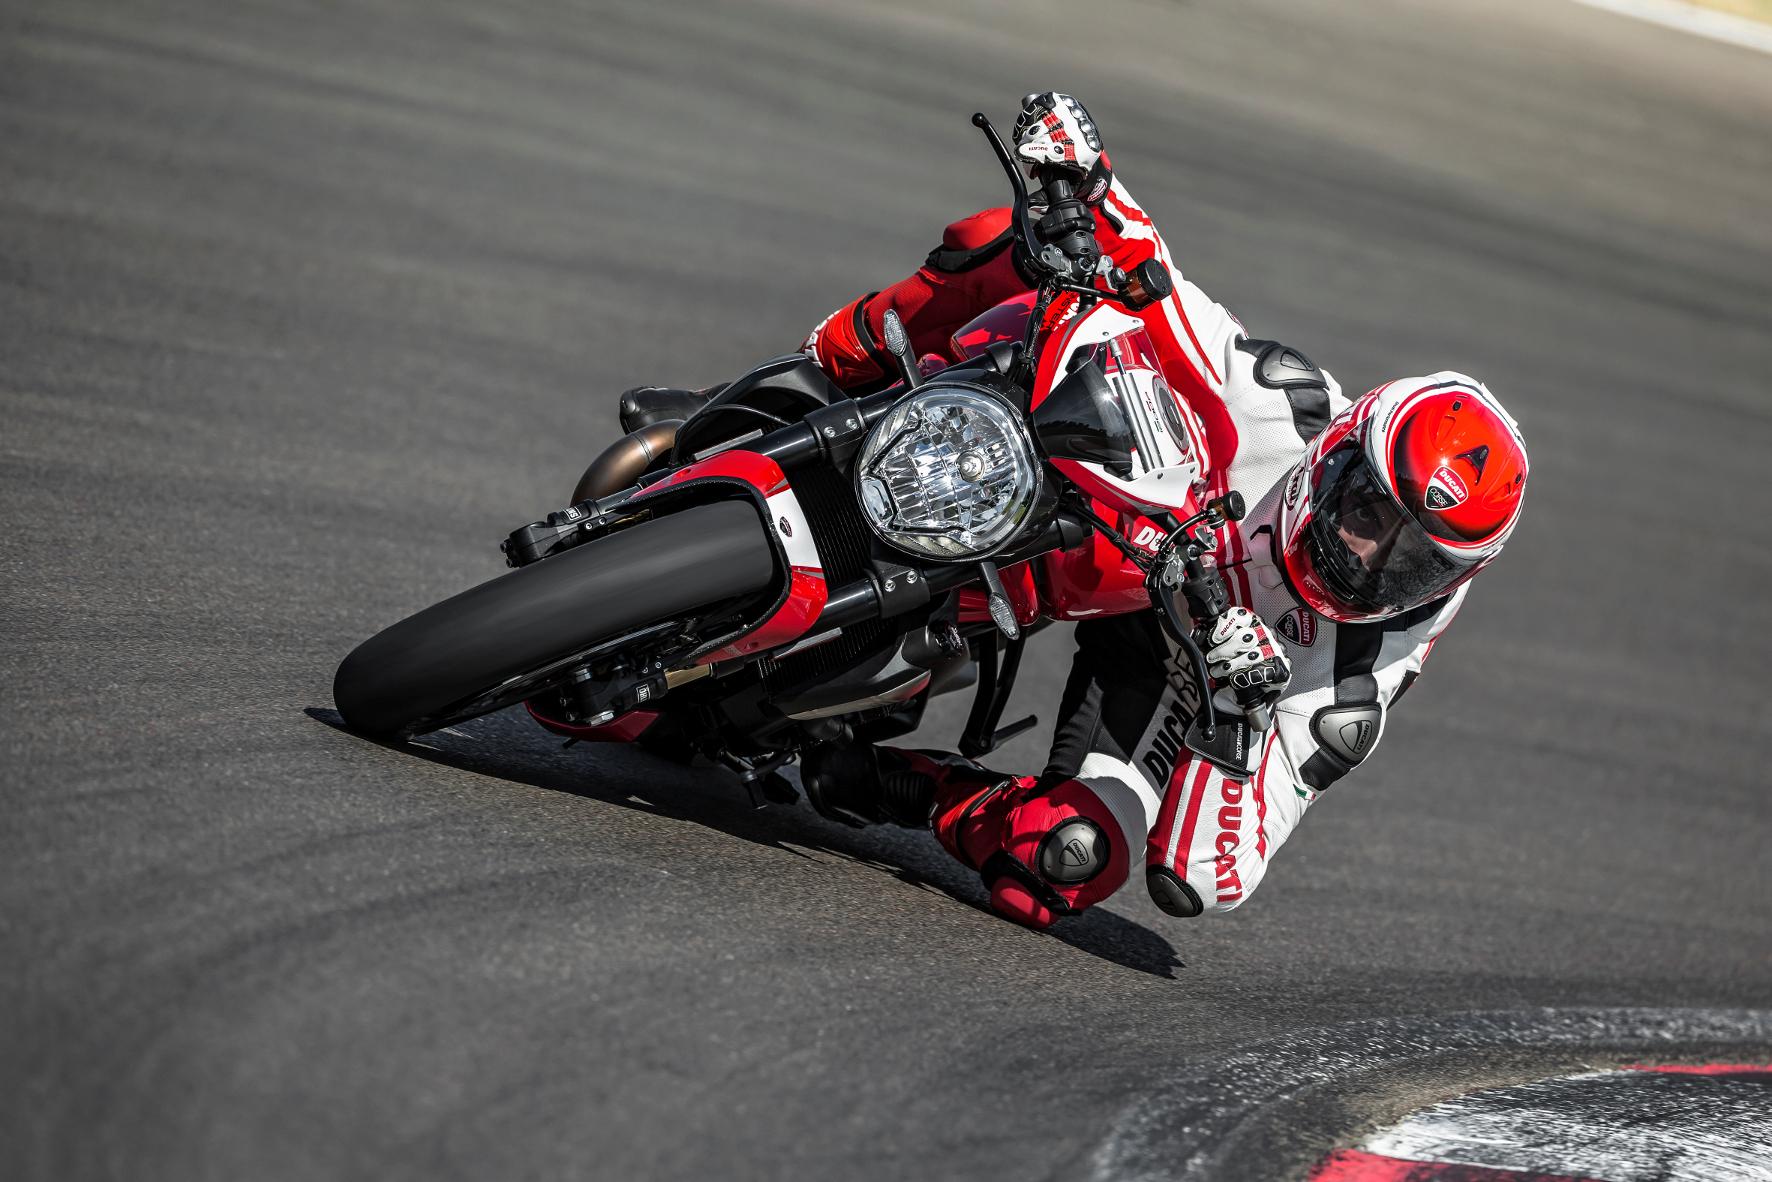 mid München - Da muss sich der Biker schon kräftig ins Zeug legen: Die Ducati Monster 1200 R fordert den Biker - befördert ihn dafür aber auch fahrdynamisch in luftige Höhen.